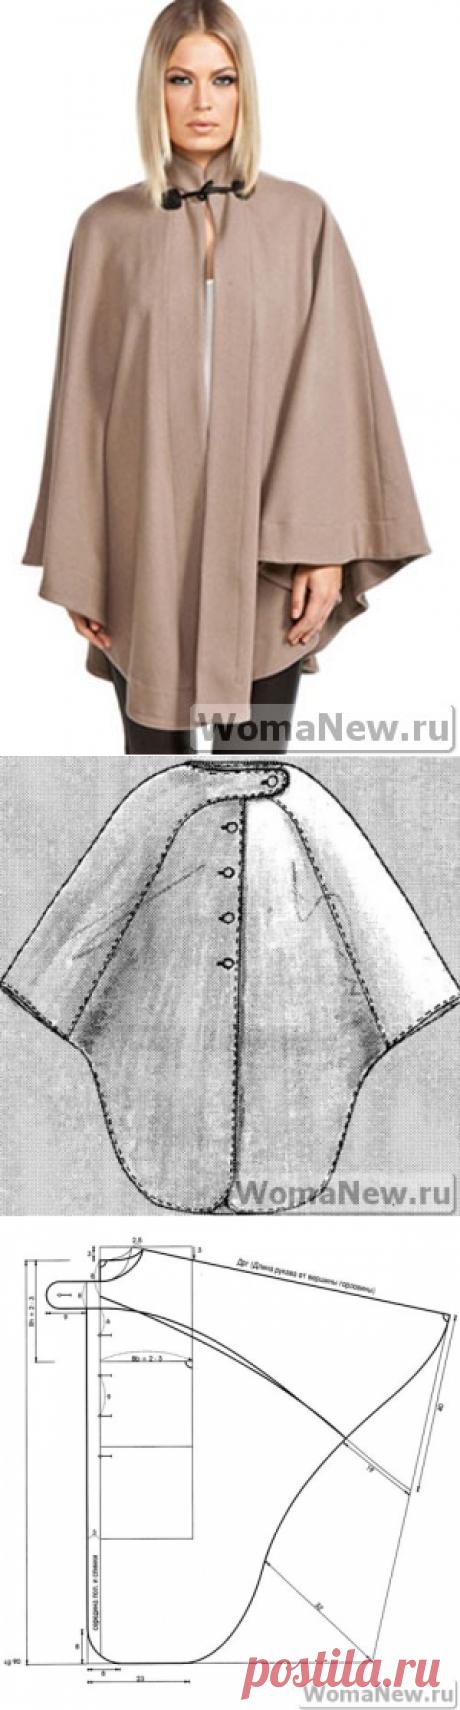 Выкройка плаща накидки.   WomaNew.ru - уроки кройки и шитья